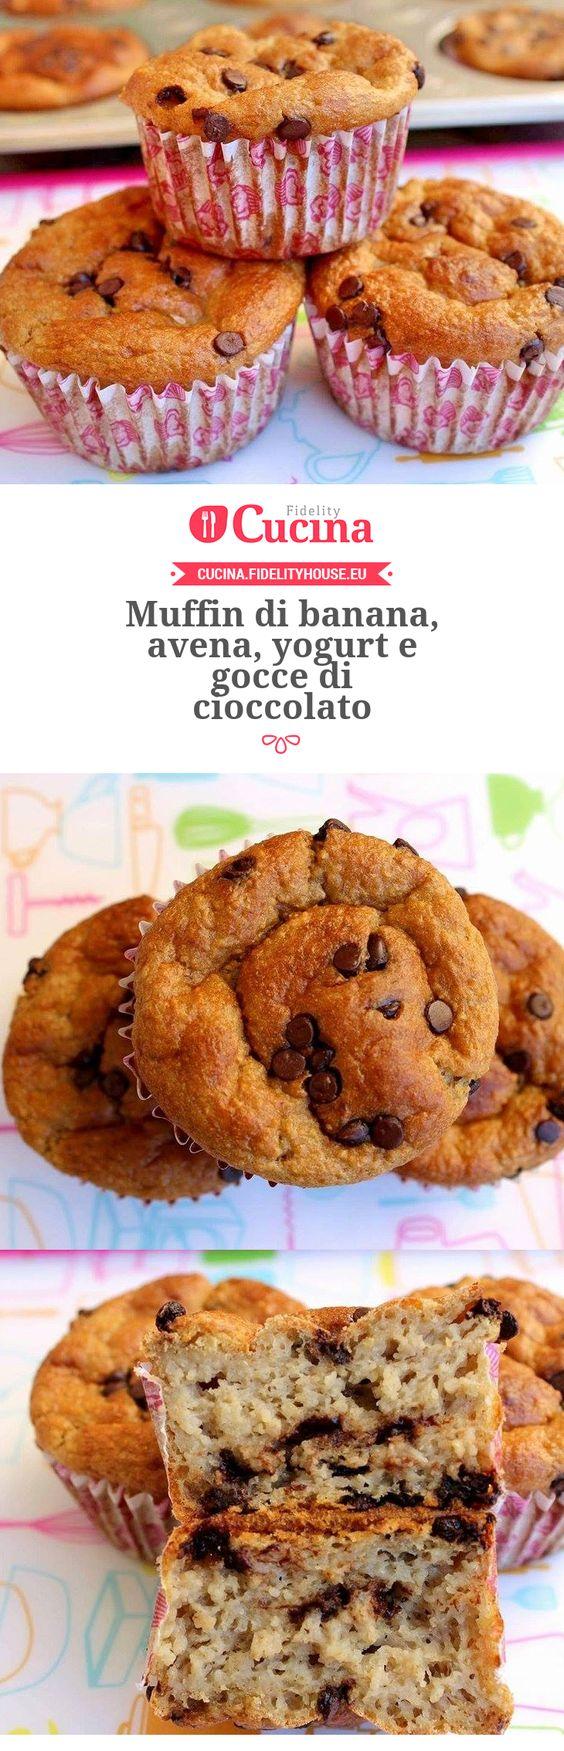 #Muffin di #banana, avena, yogurt e gocce di #cioccolato della nostra utente Vittoria. Unisciti alla nostra Community ed invia le tue ricette!